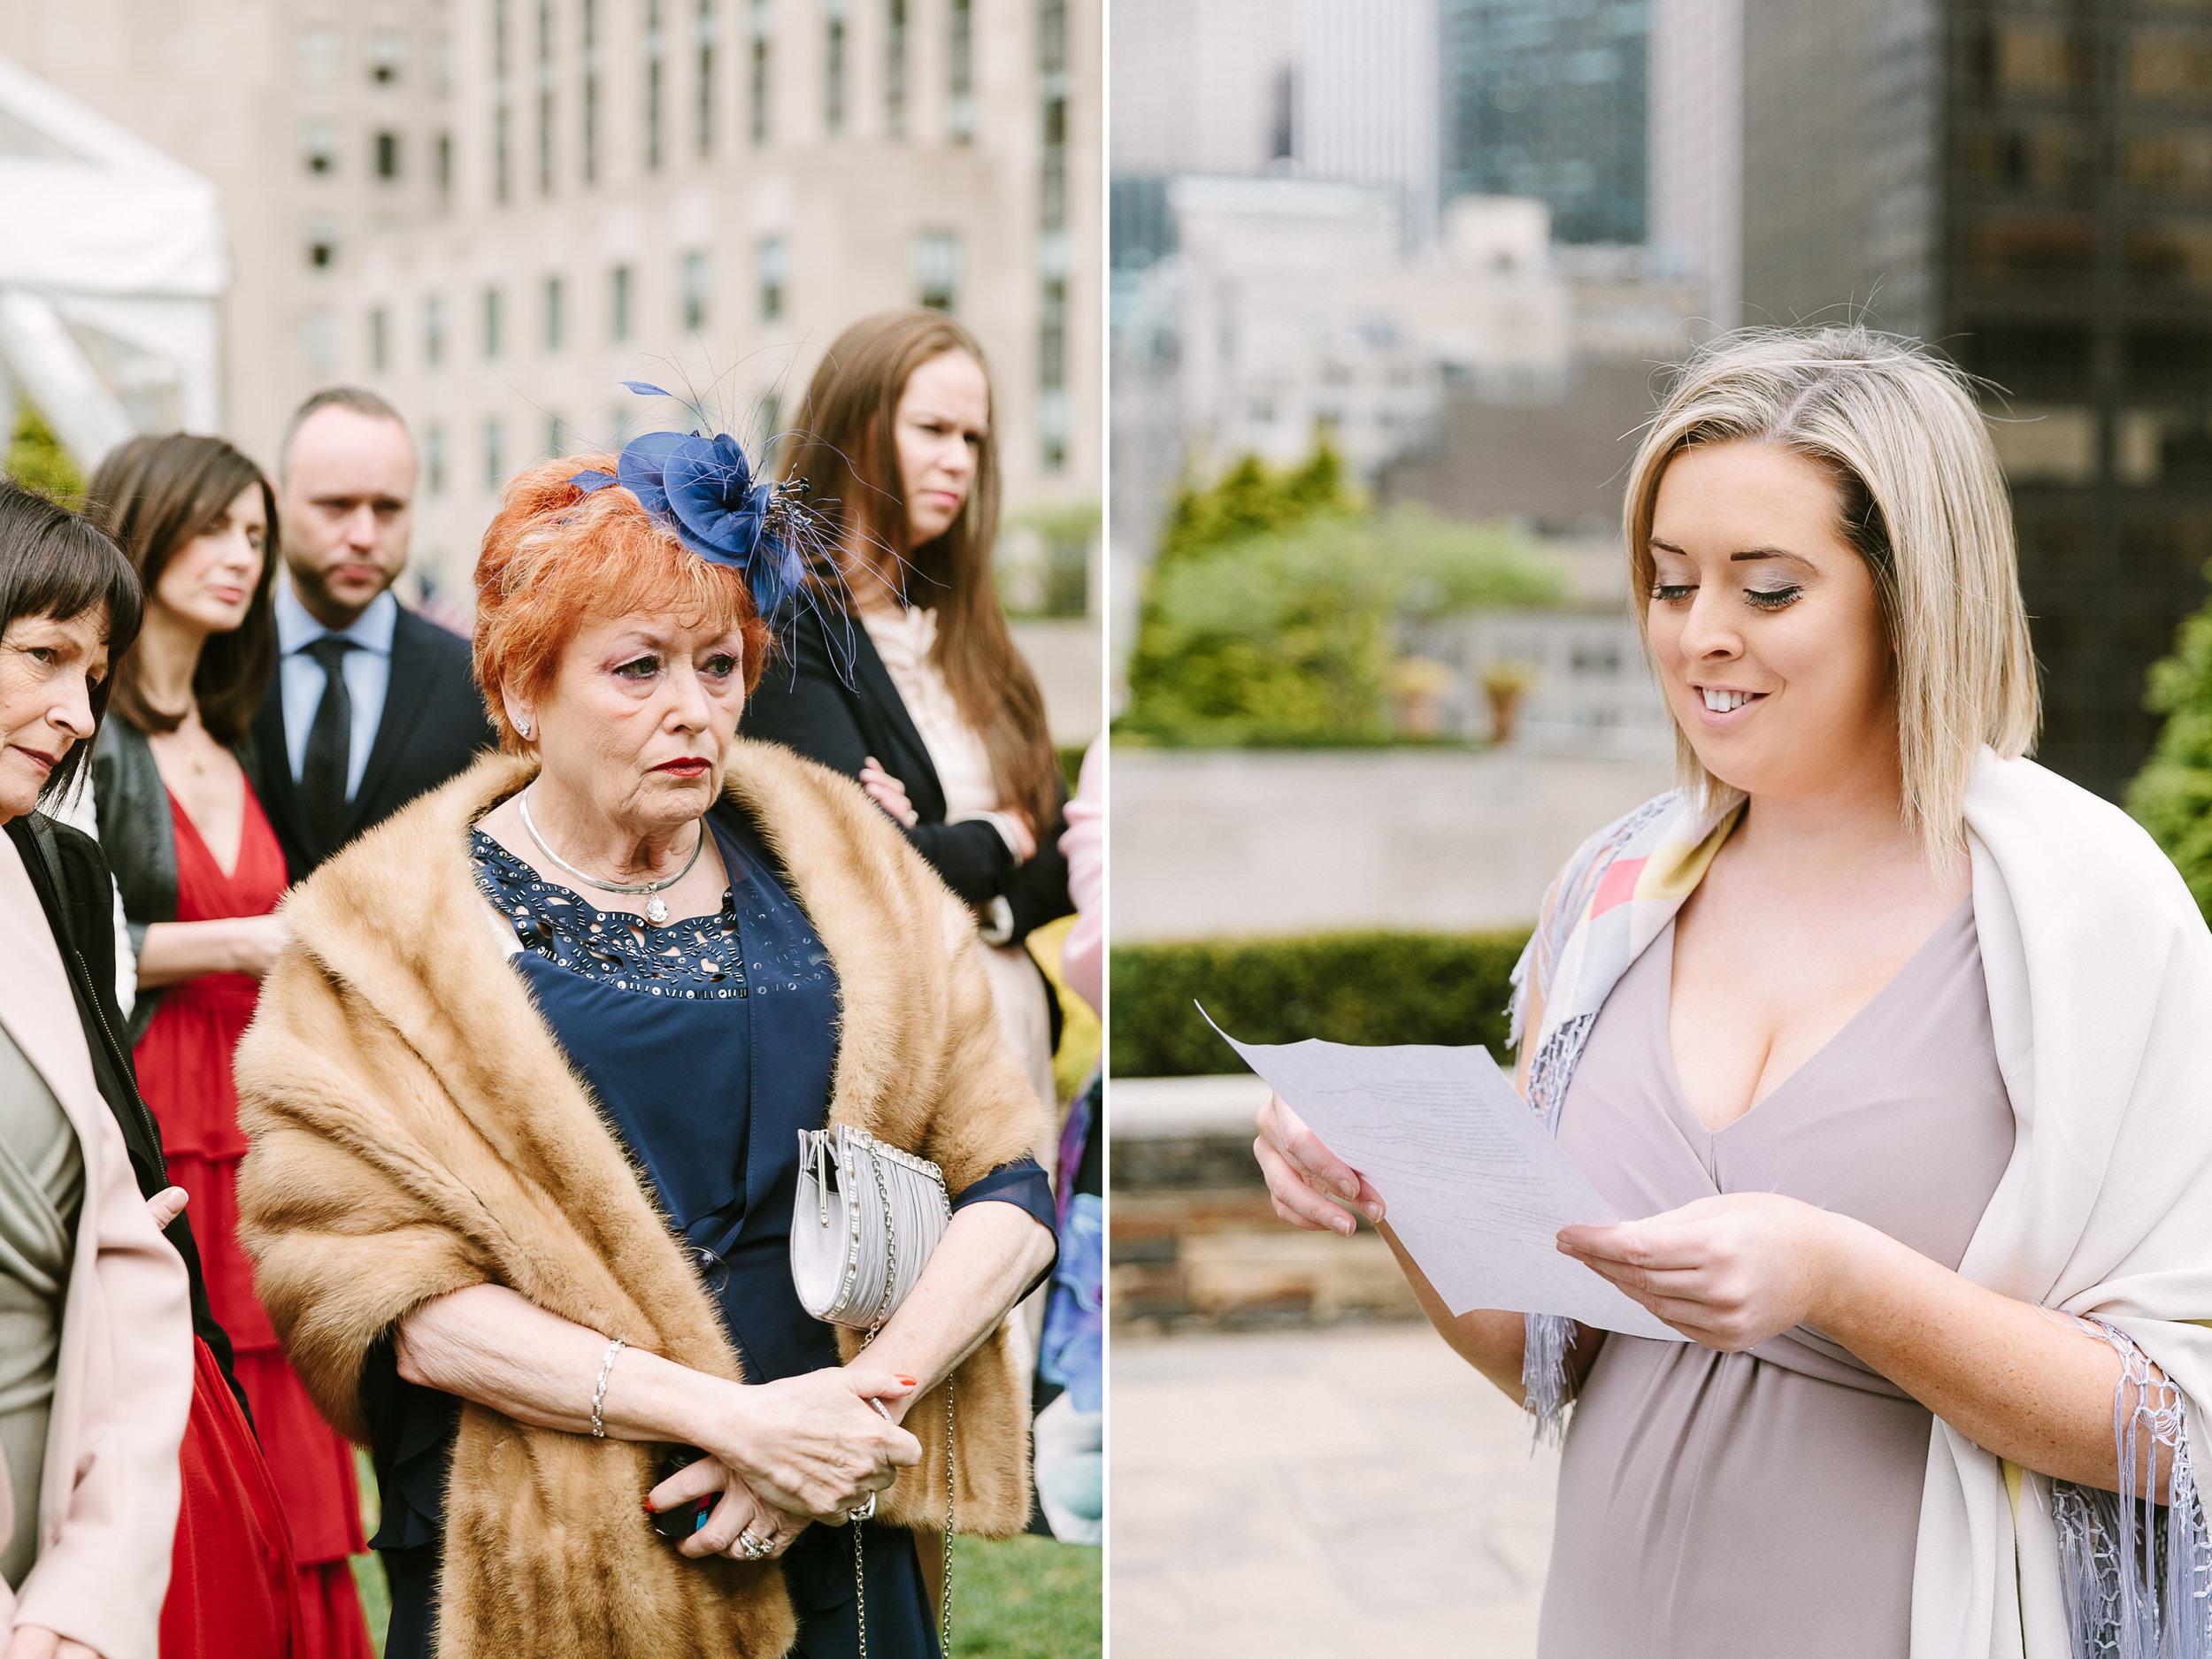 620-Loft&Garden-wedding-J&A-7.jpg